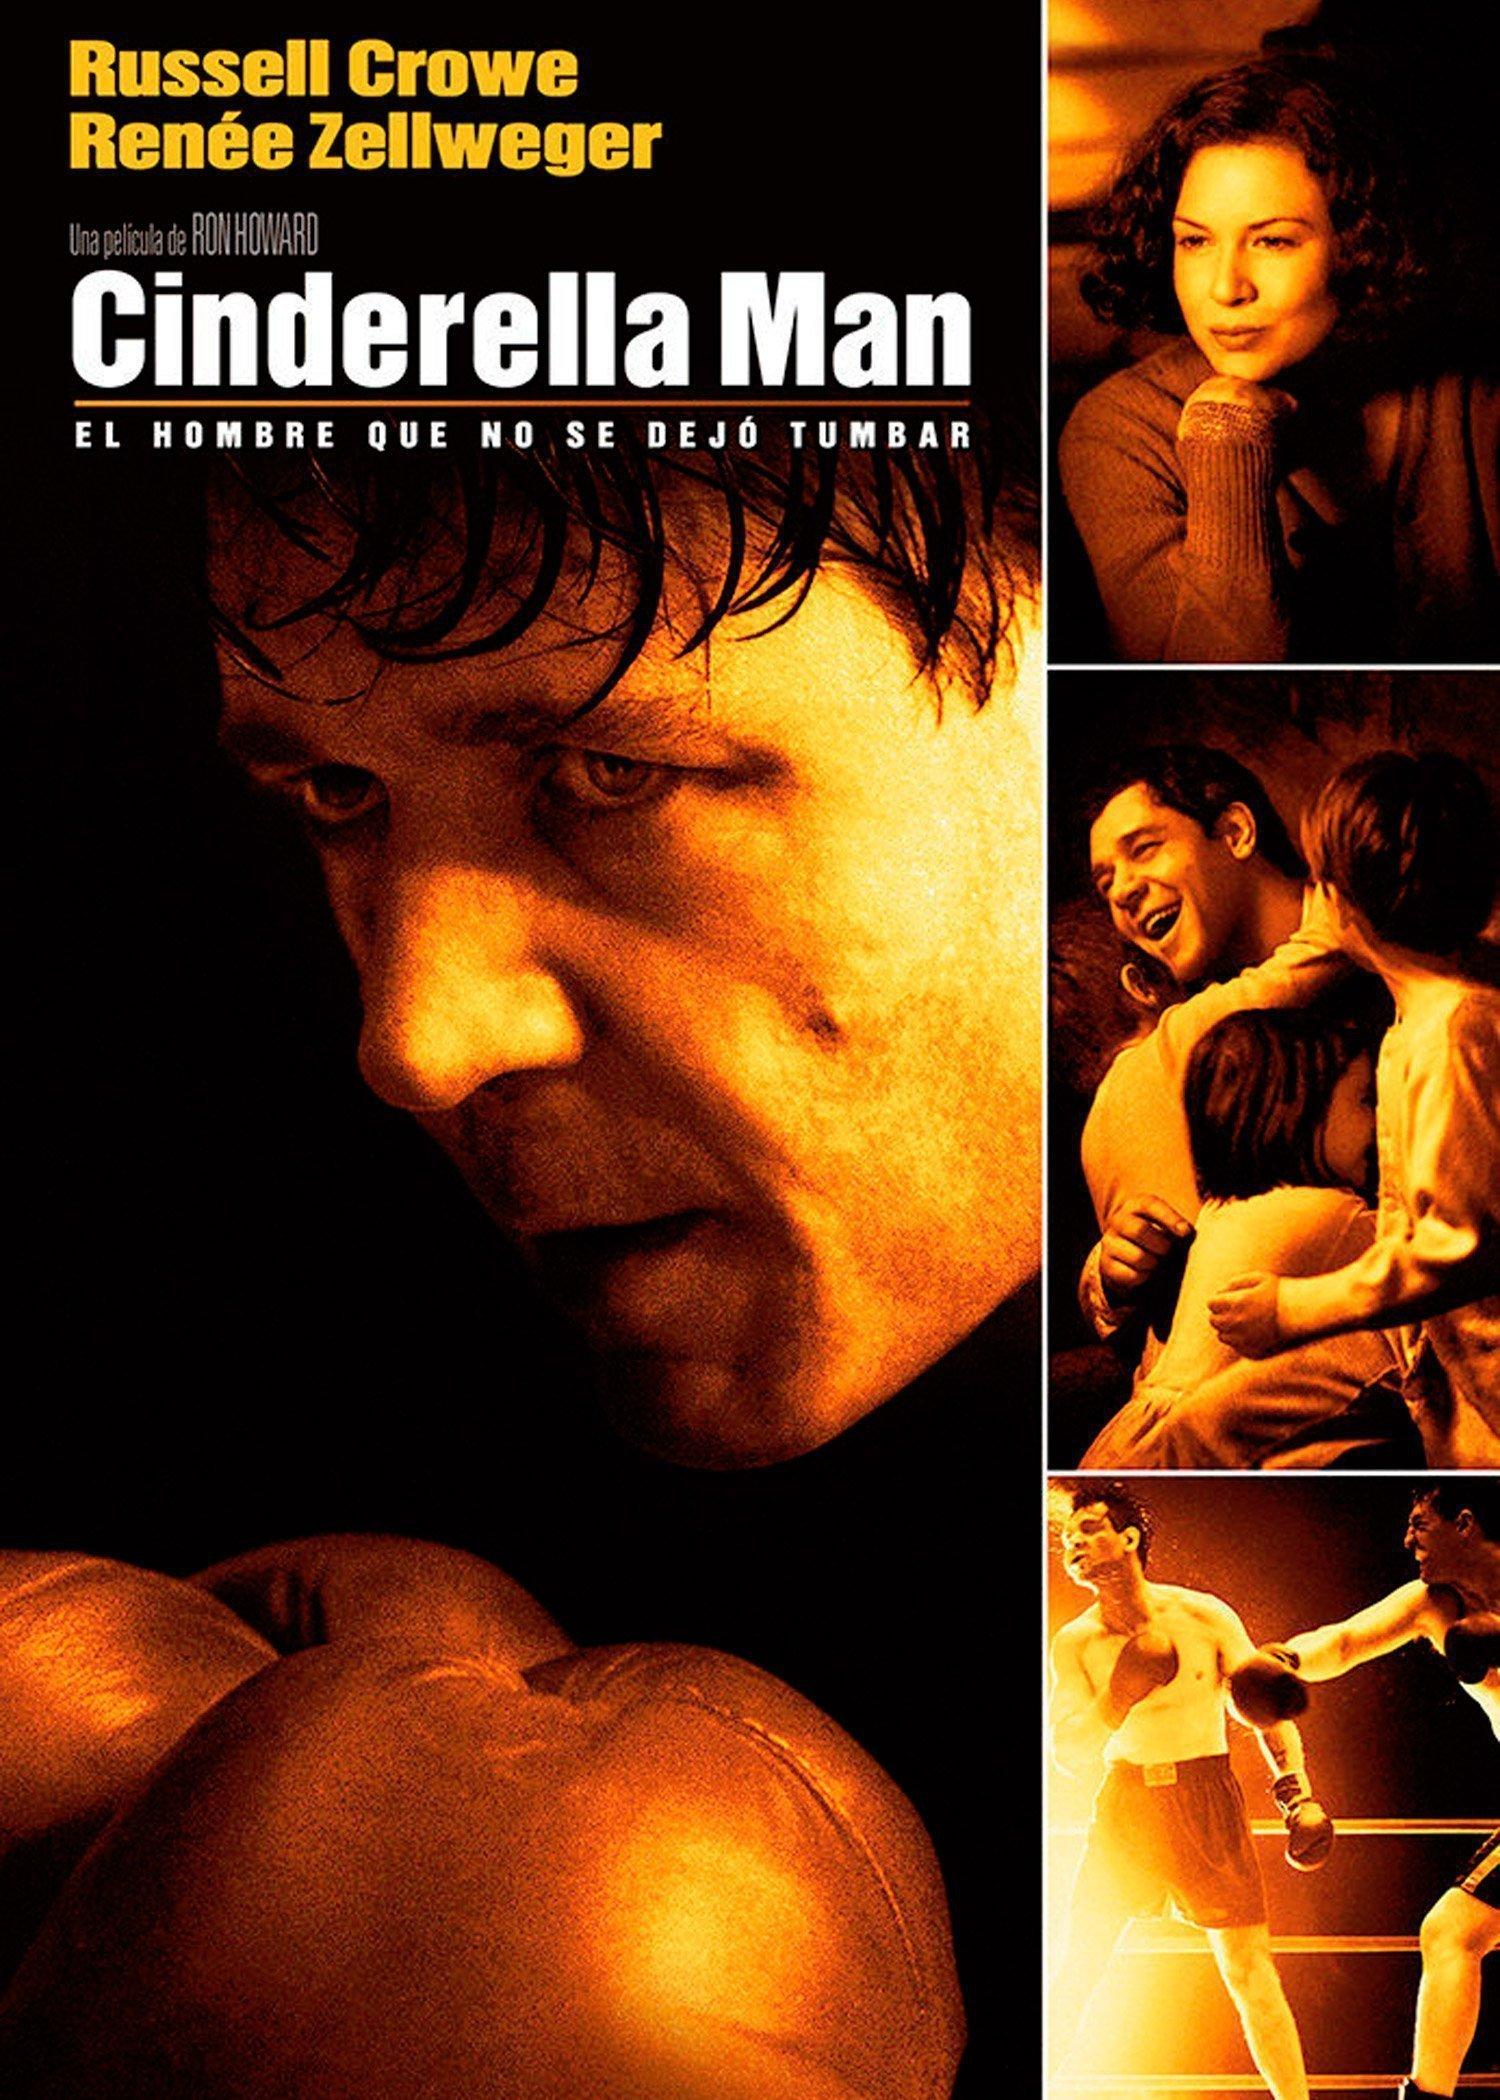 Cinderella Man: El hombre que no se dejó tumbar